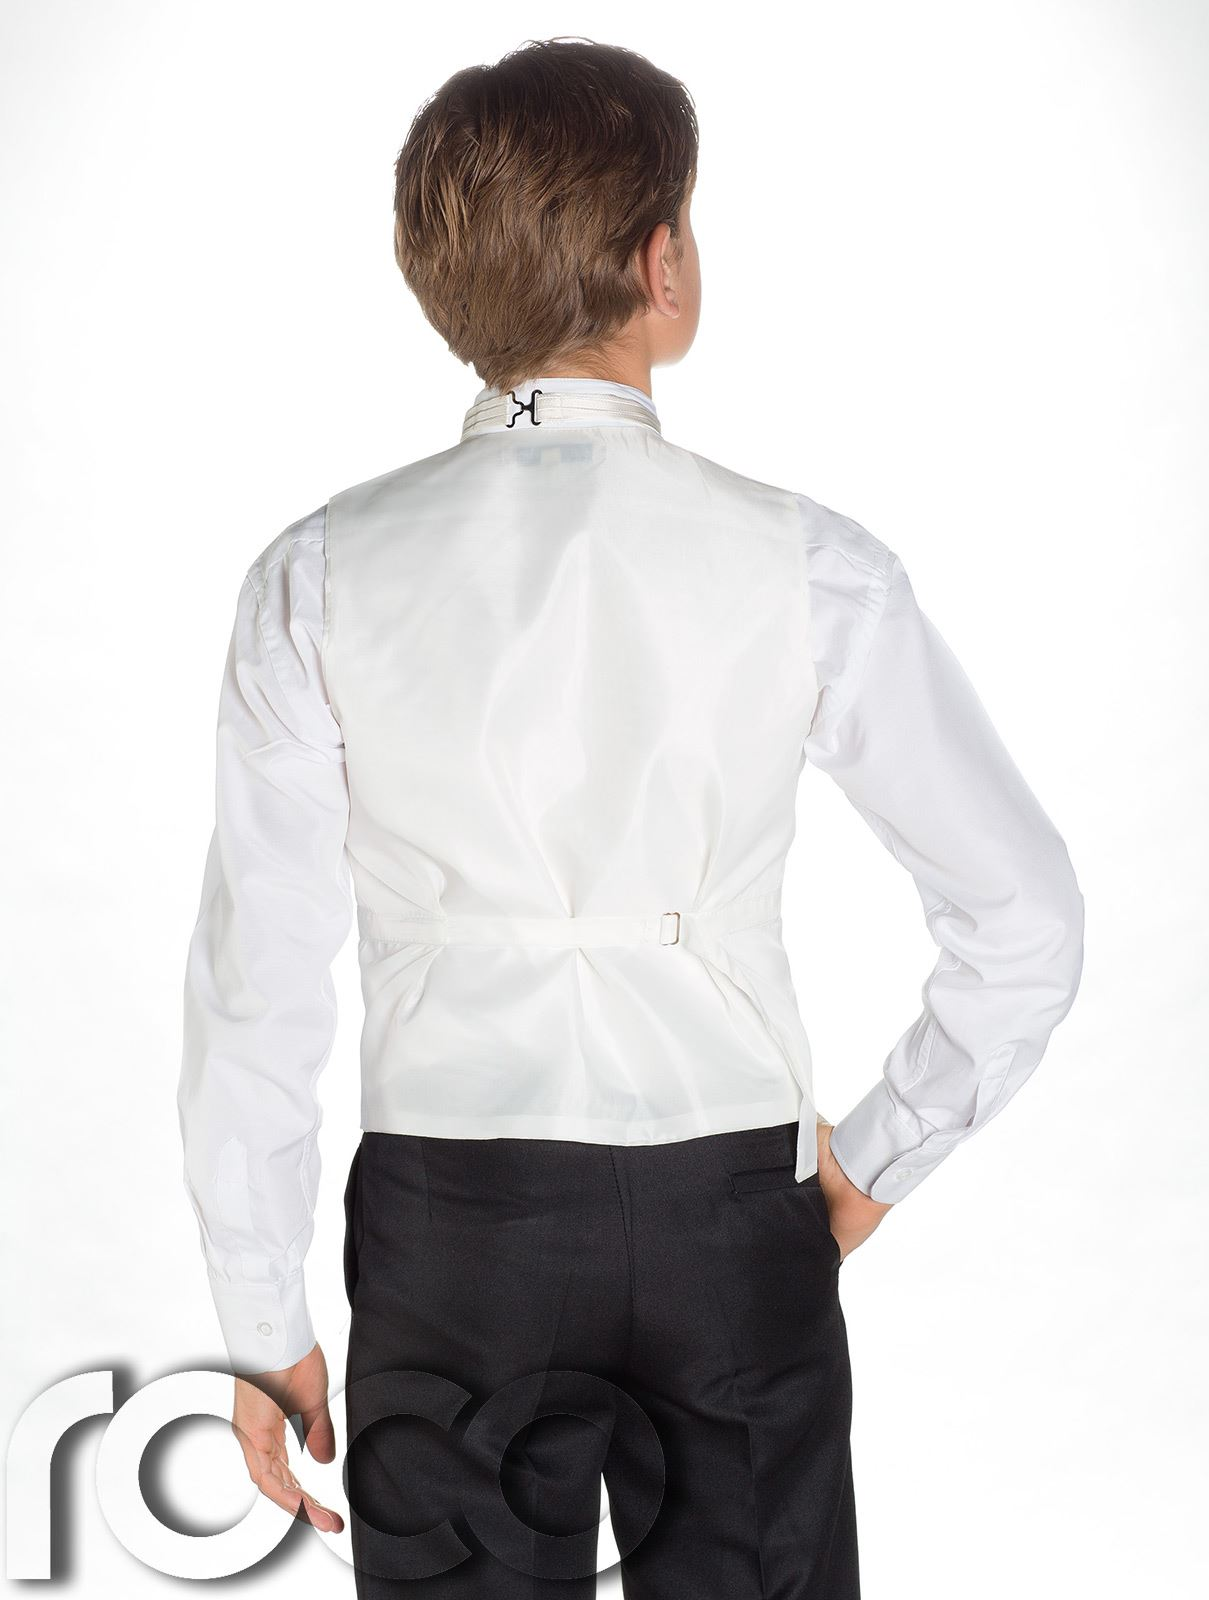 RAGAZZI Gilet a righe /& Cravatta Suit Set Con Pantaloni Neri pagina Boy vestiti